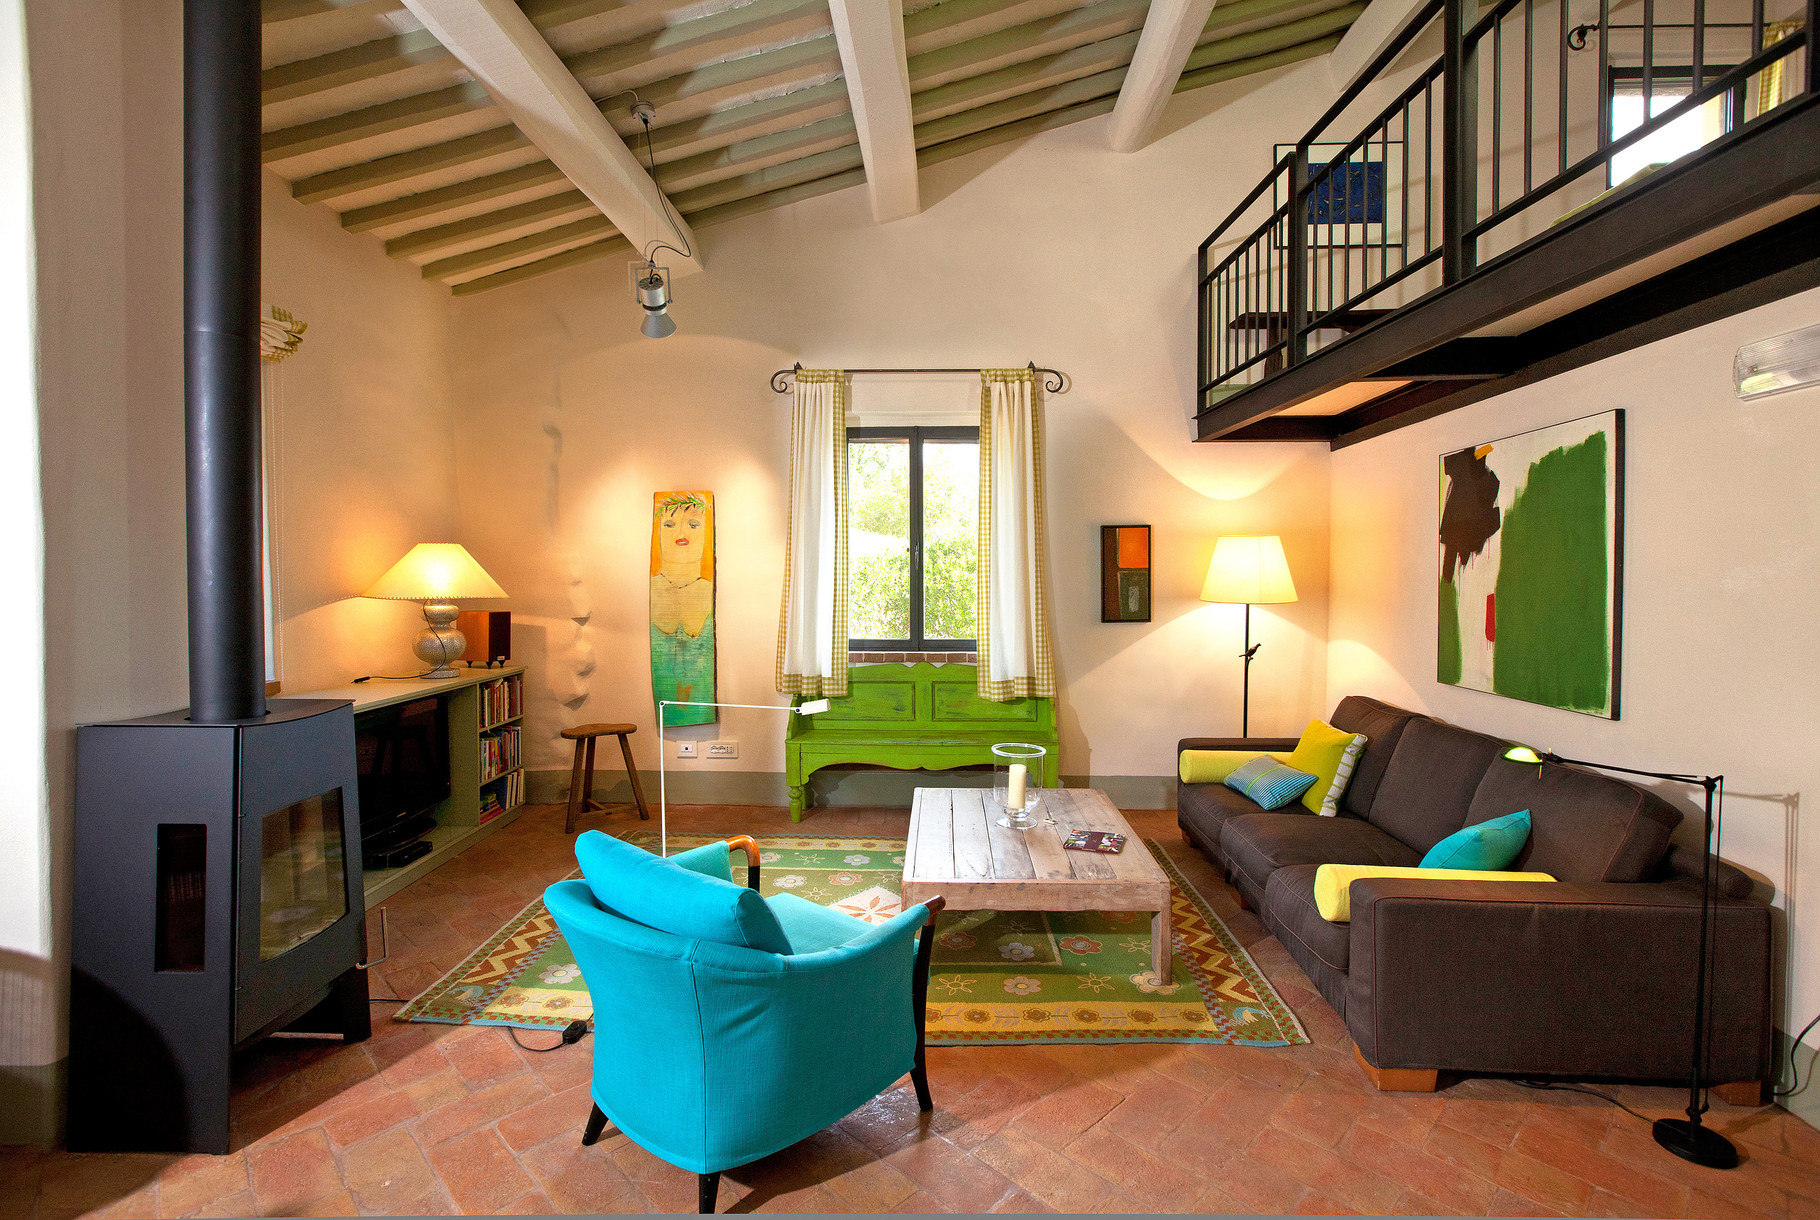 wohnung 8 la gioia der ferientraum in umbrien. Black Bedroom Furniture Sets. Home Design Ideas